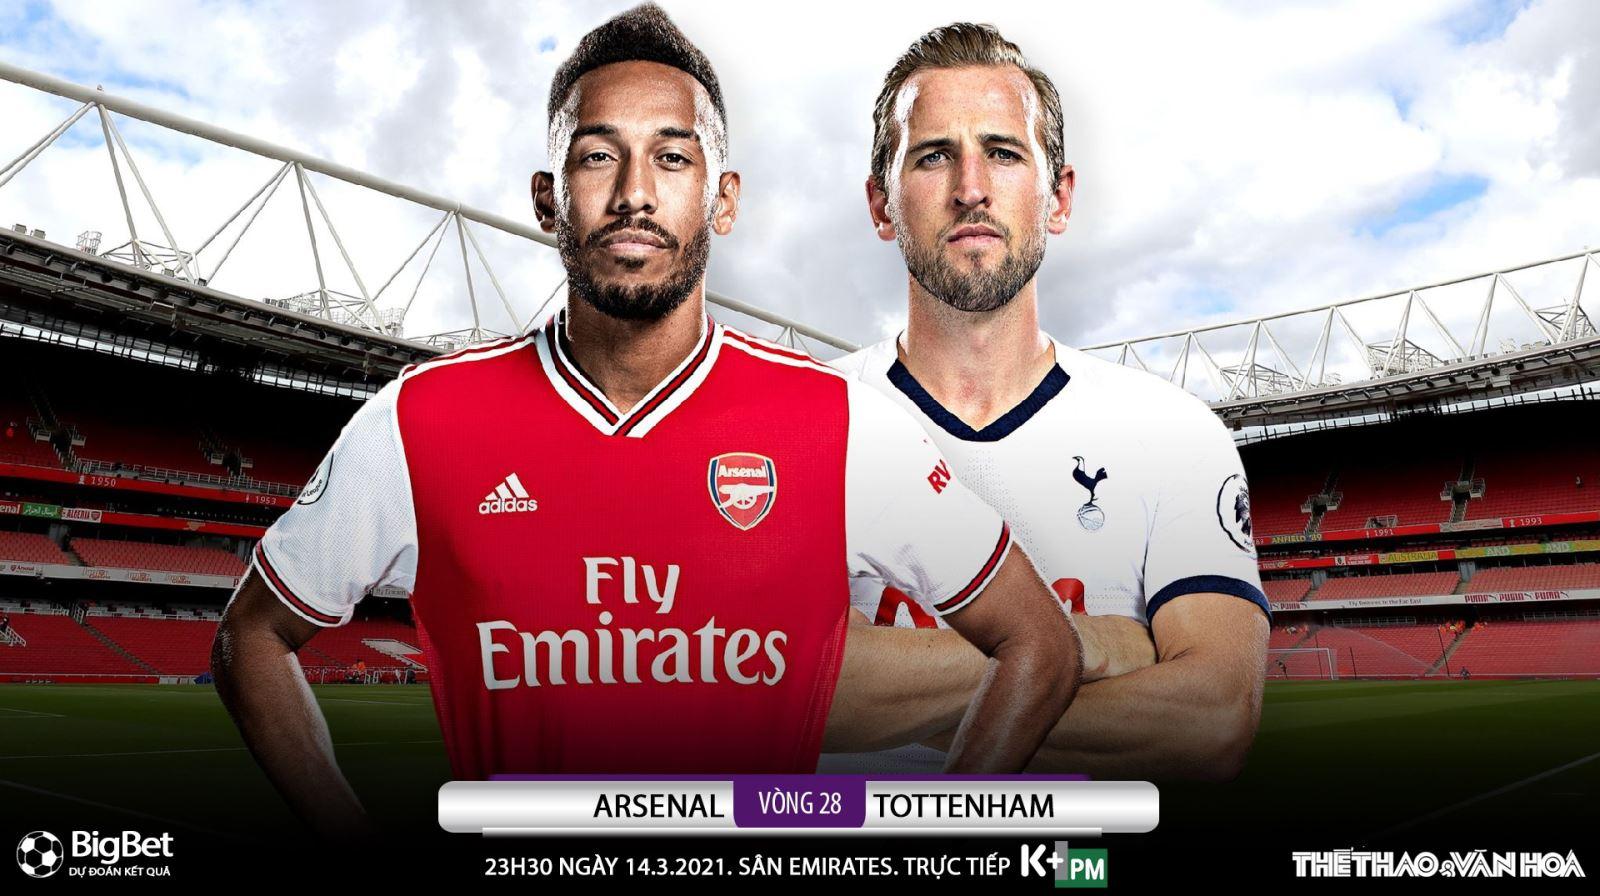 Soi kèo nhà cái Arsenal vs Tottenham. K+, K+PM trực tiếp bóng đá Ngoại hạng Anh